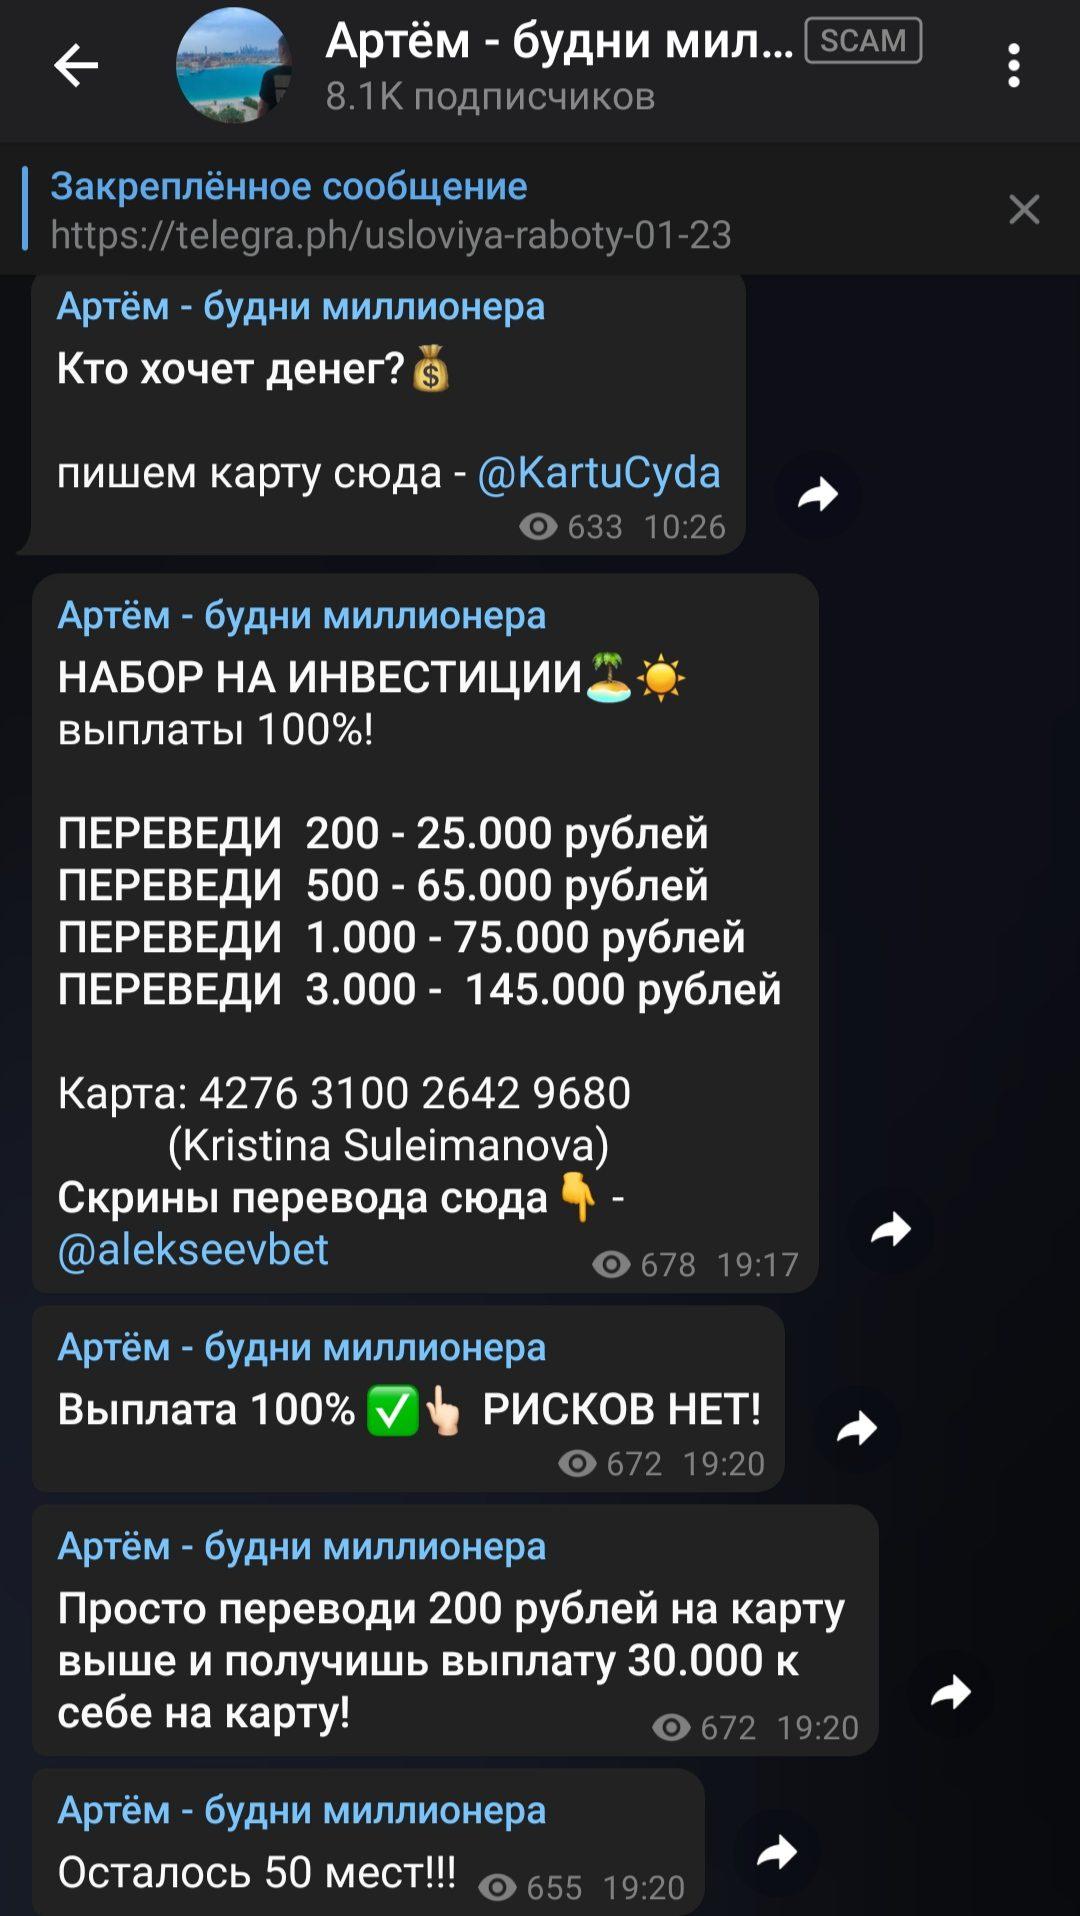 Суммы вкладов и гарантии от Телеграм канала Артём – будни миллионера